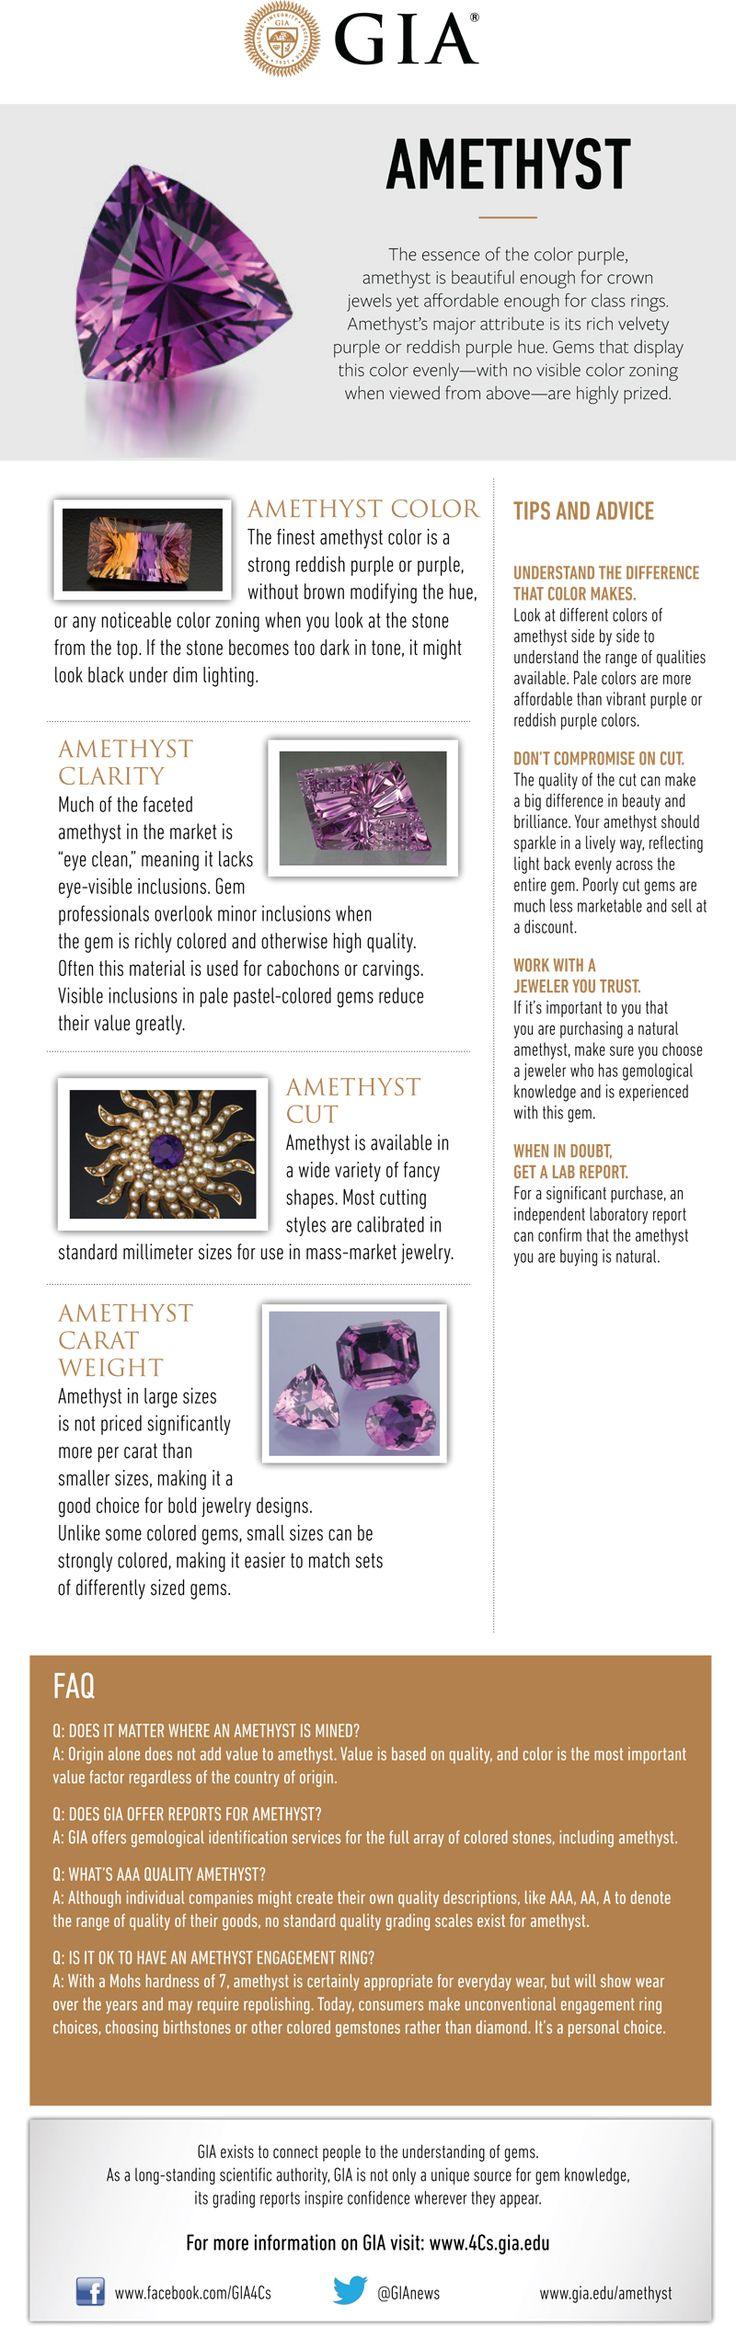 Amethyst-Buying-Guide.jpg (800×2530)